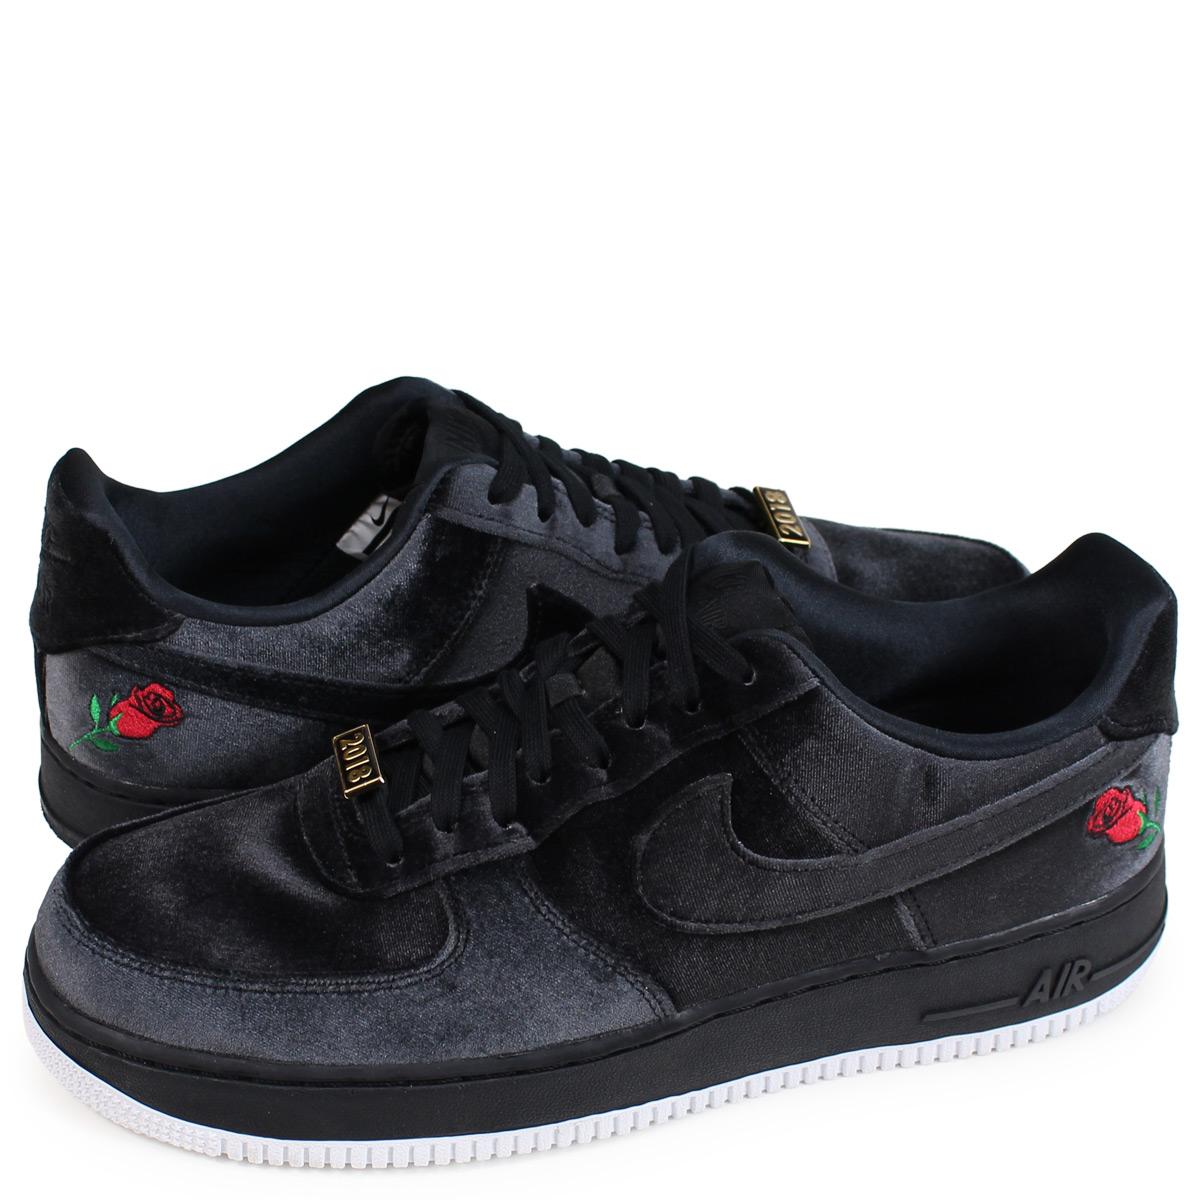 Black Sneakers 07 003 Force Men Ah8462 1 Qs Air Velvet Nike dBtsrCQxh